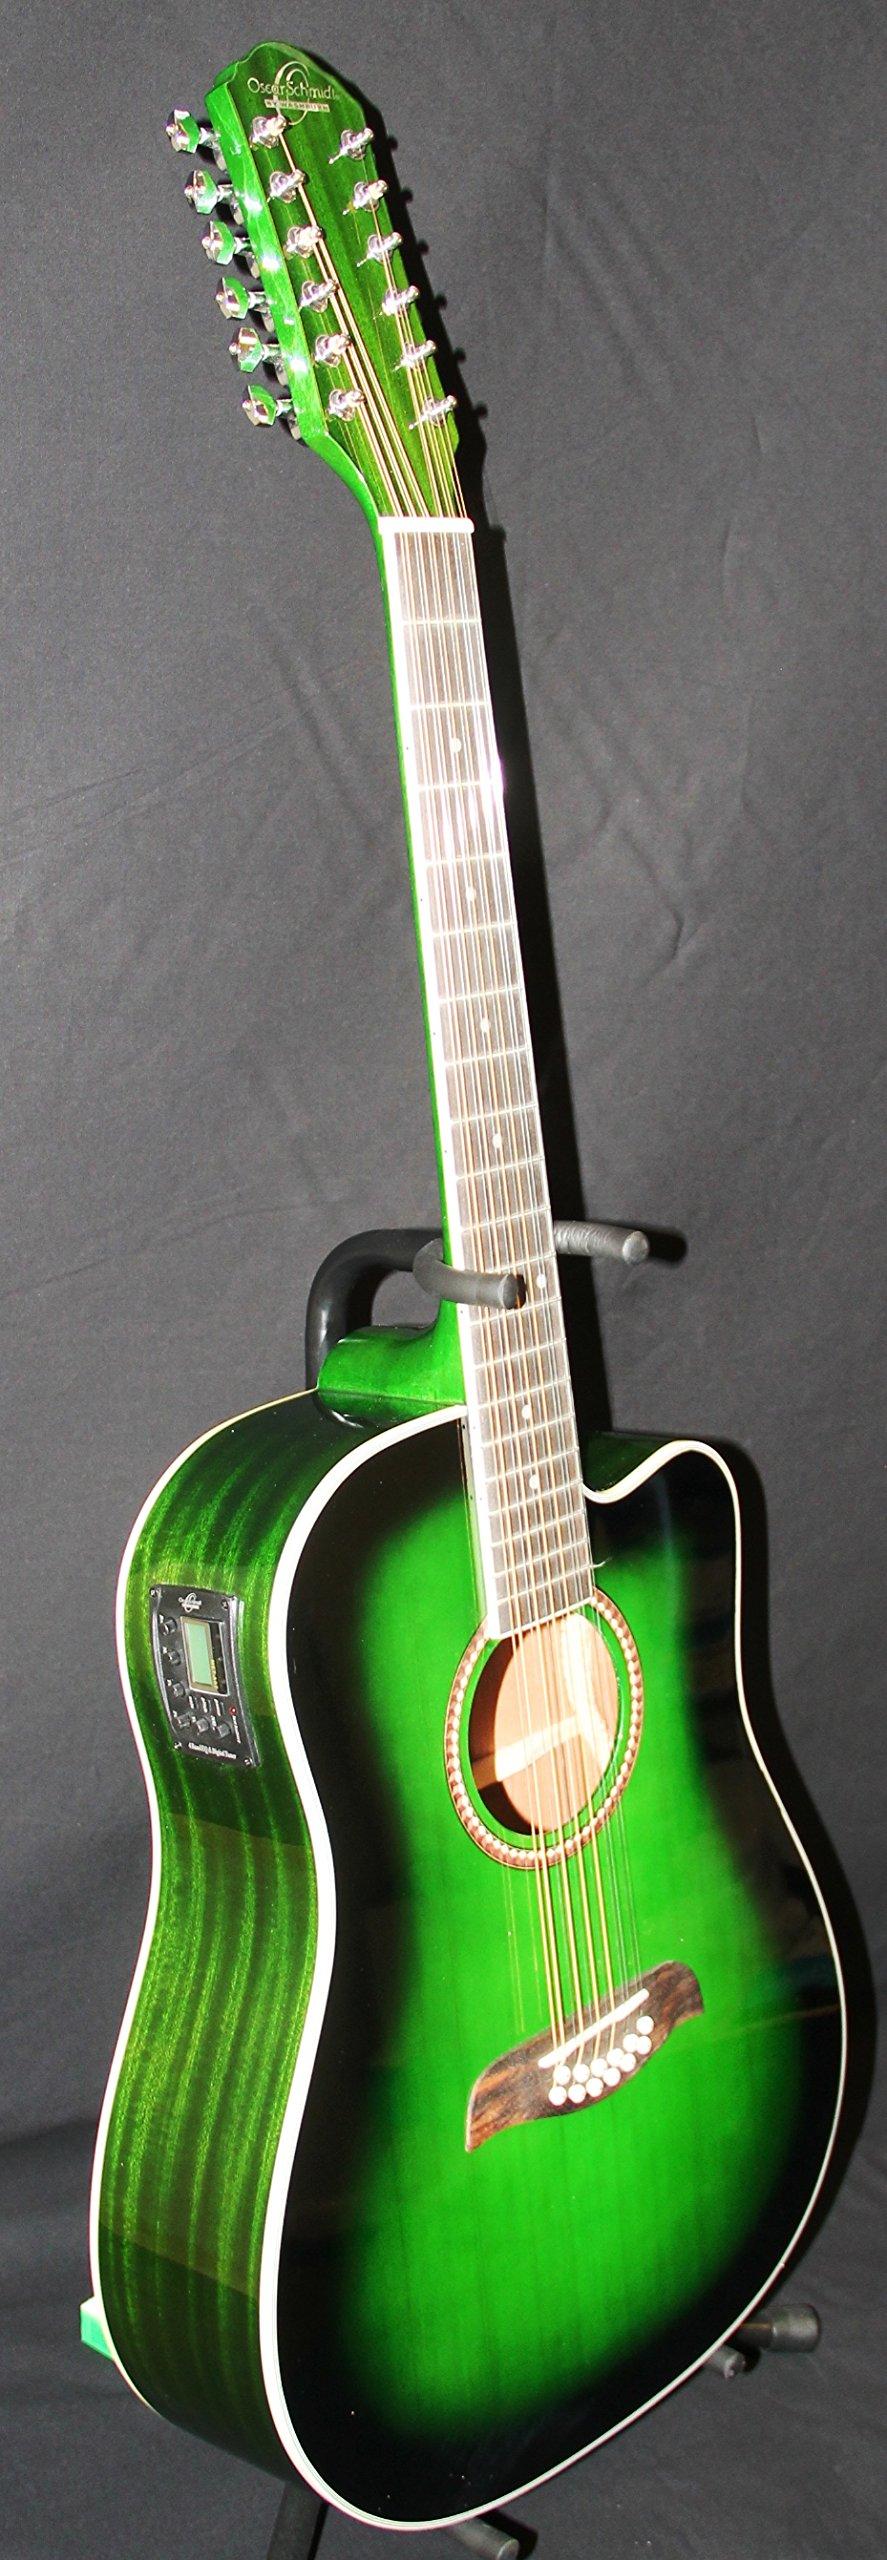 oscar schmidt 12 string acoustic electric guitar spruce top trans green od312cetgr guitar. Black Bedroom Furniture Sets. Home Design Ideas